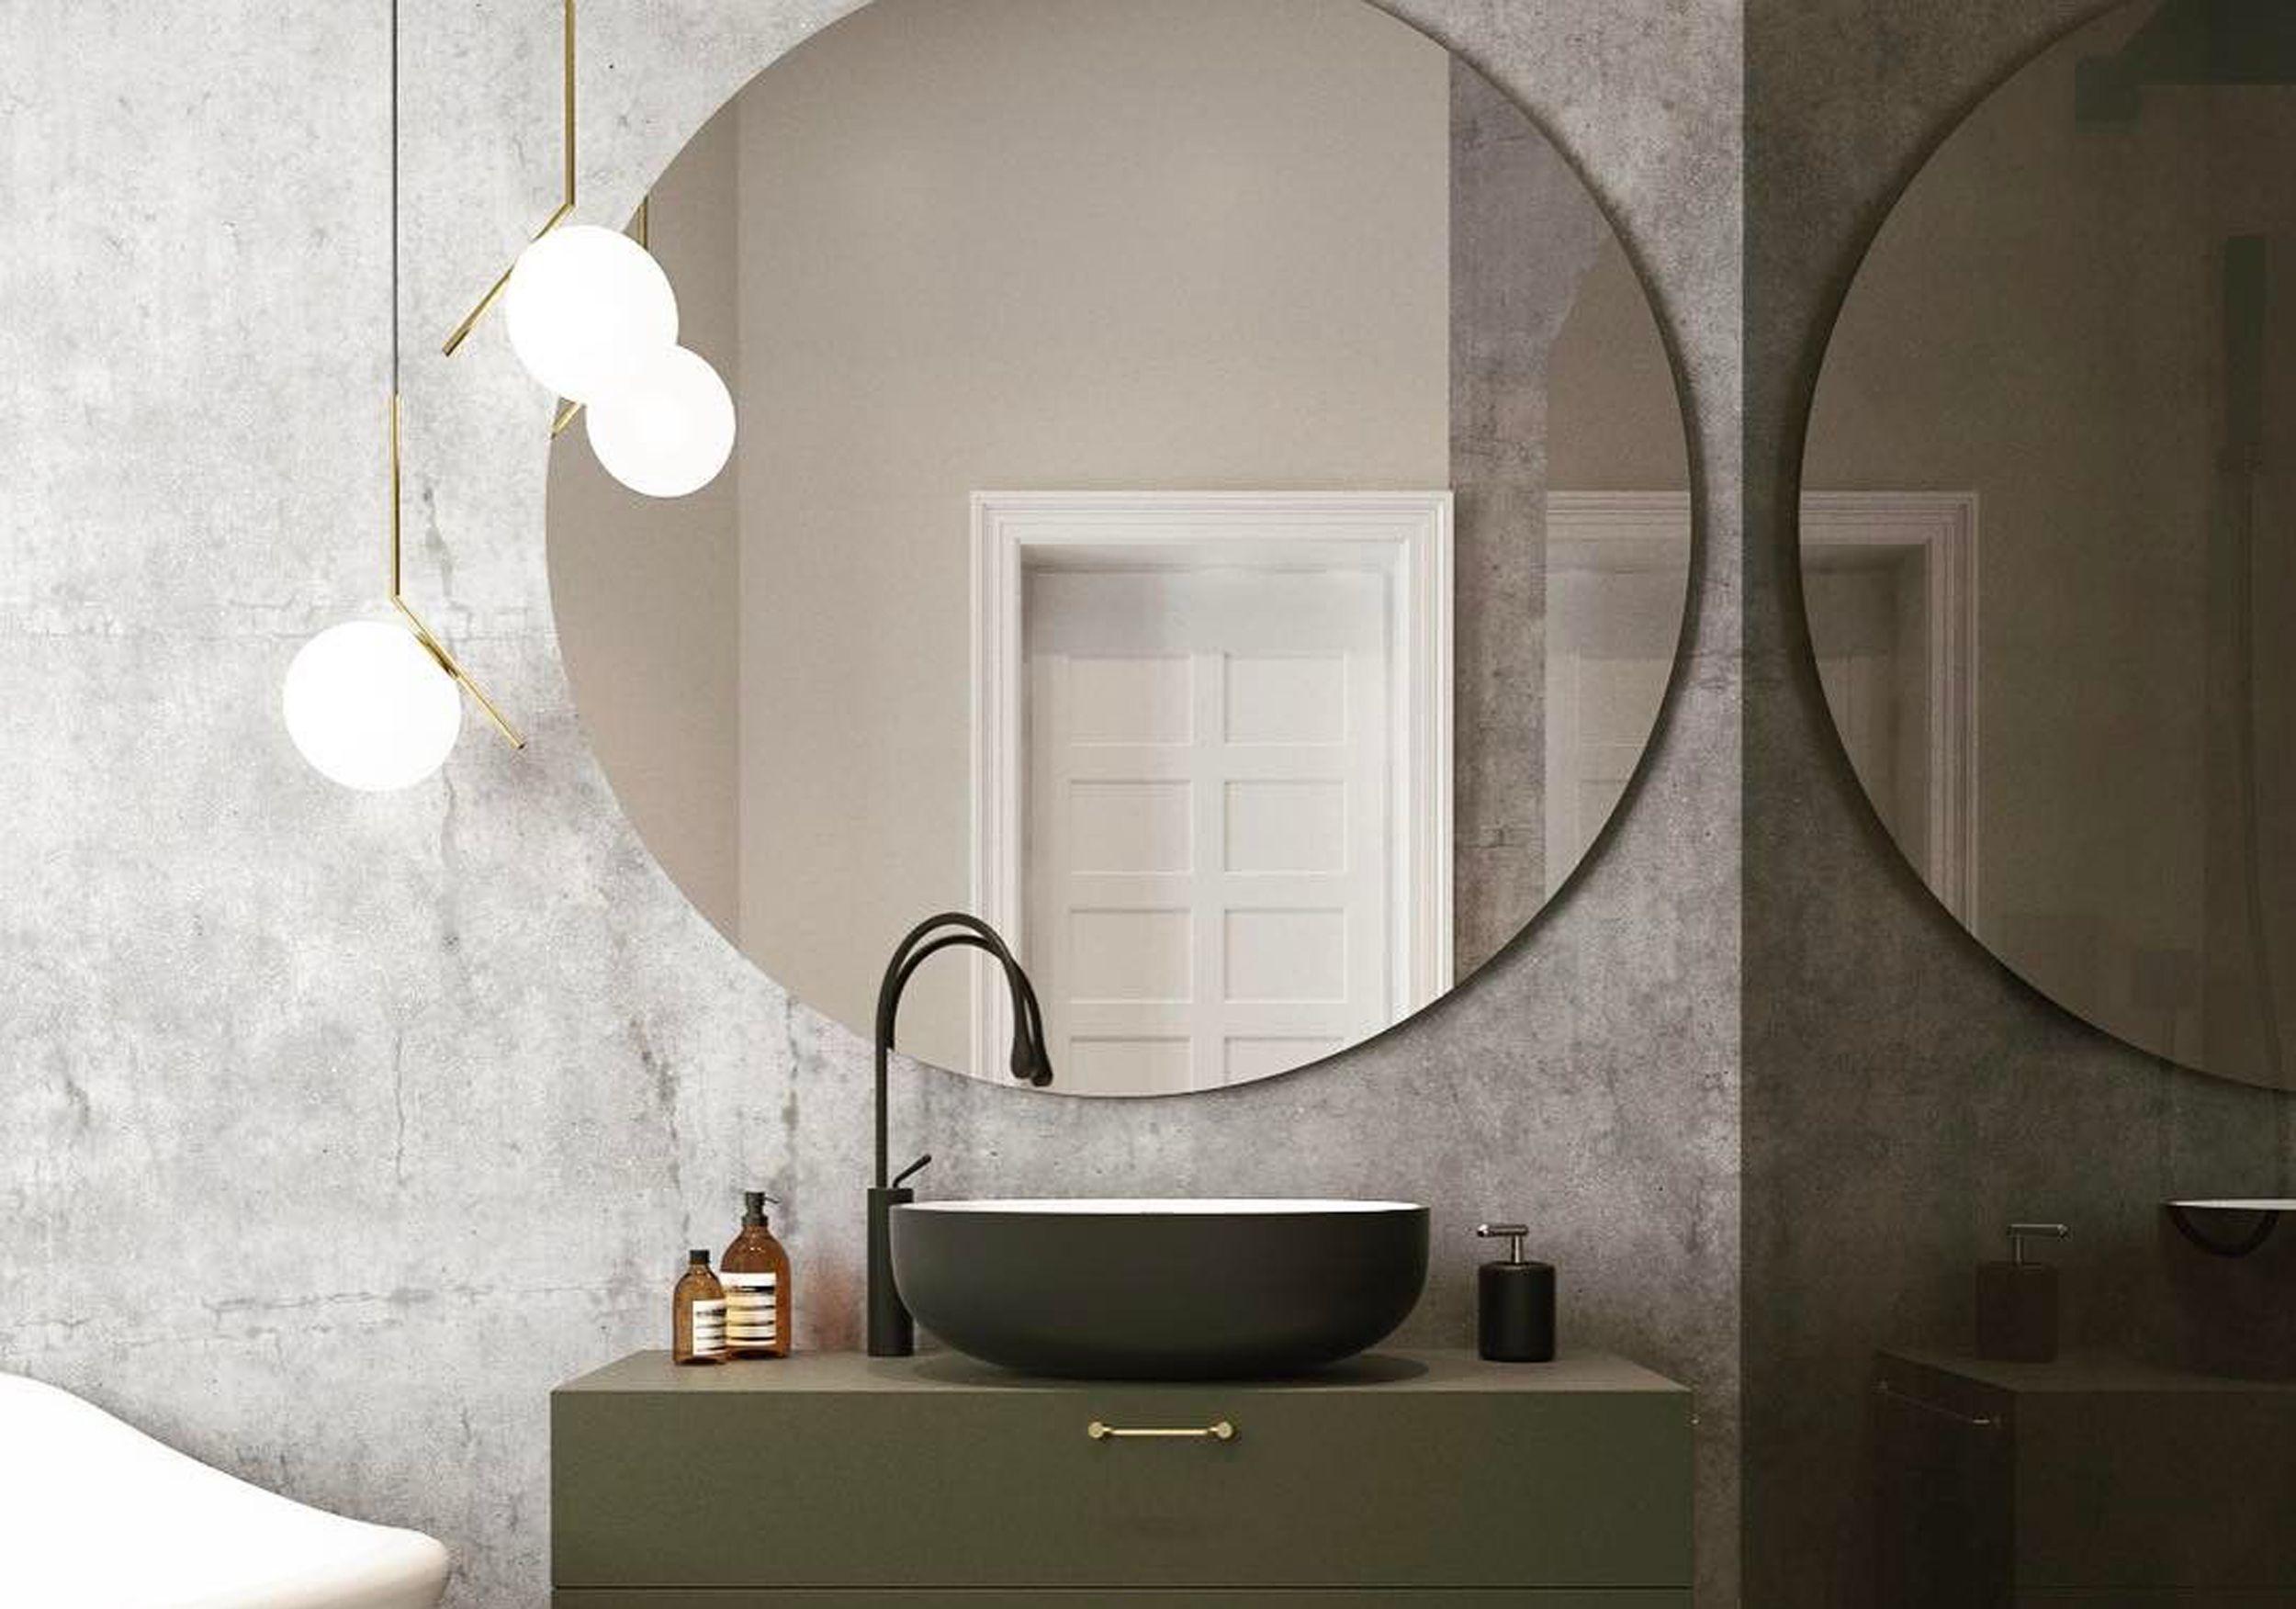 Mettre Un Miroir Dans Une Cuisine le miroir rond, cet indispensable déco à nos intérieurs